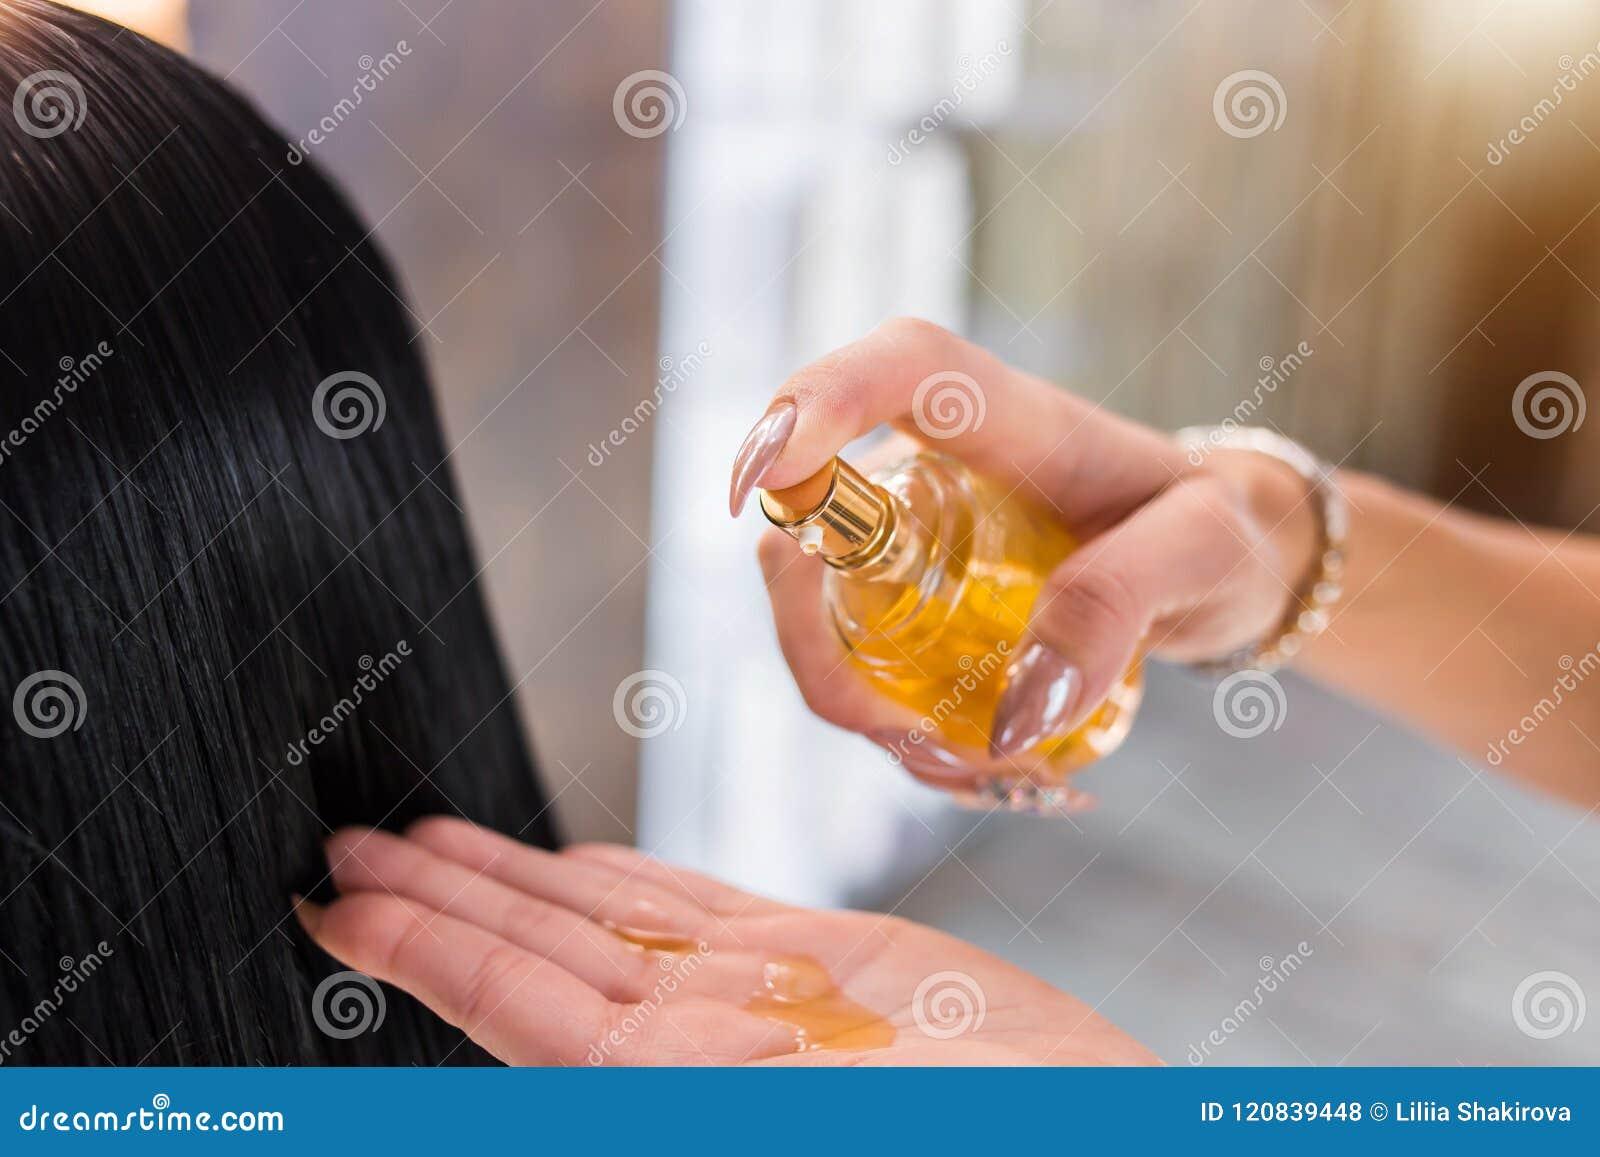 Επεξεργασία τρίχας πετρελαίου γυναίκας SPA, σαλόνι ομορφιάς Προσοχή τρίχας στο σύγχρονο σαλόνι SPA η γυναίκα κομμωτών εφαρμόζει μ